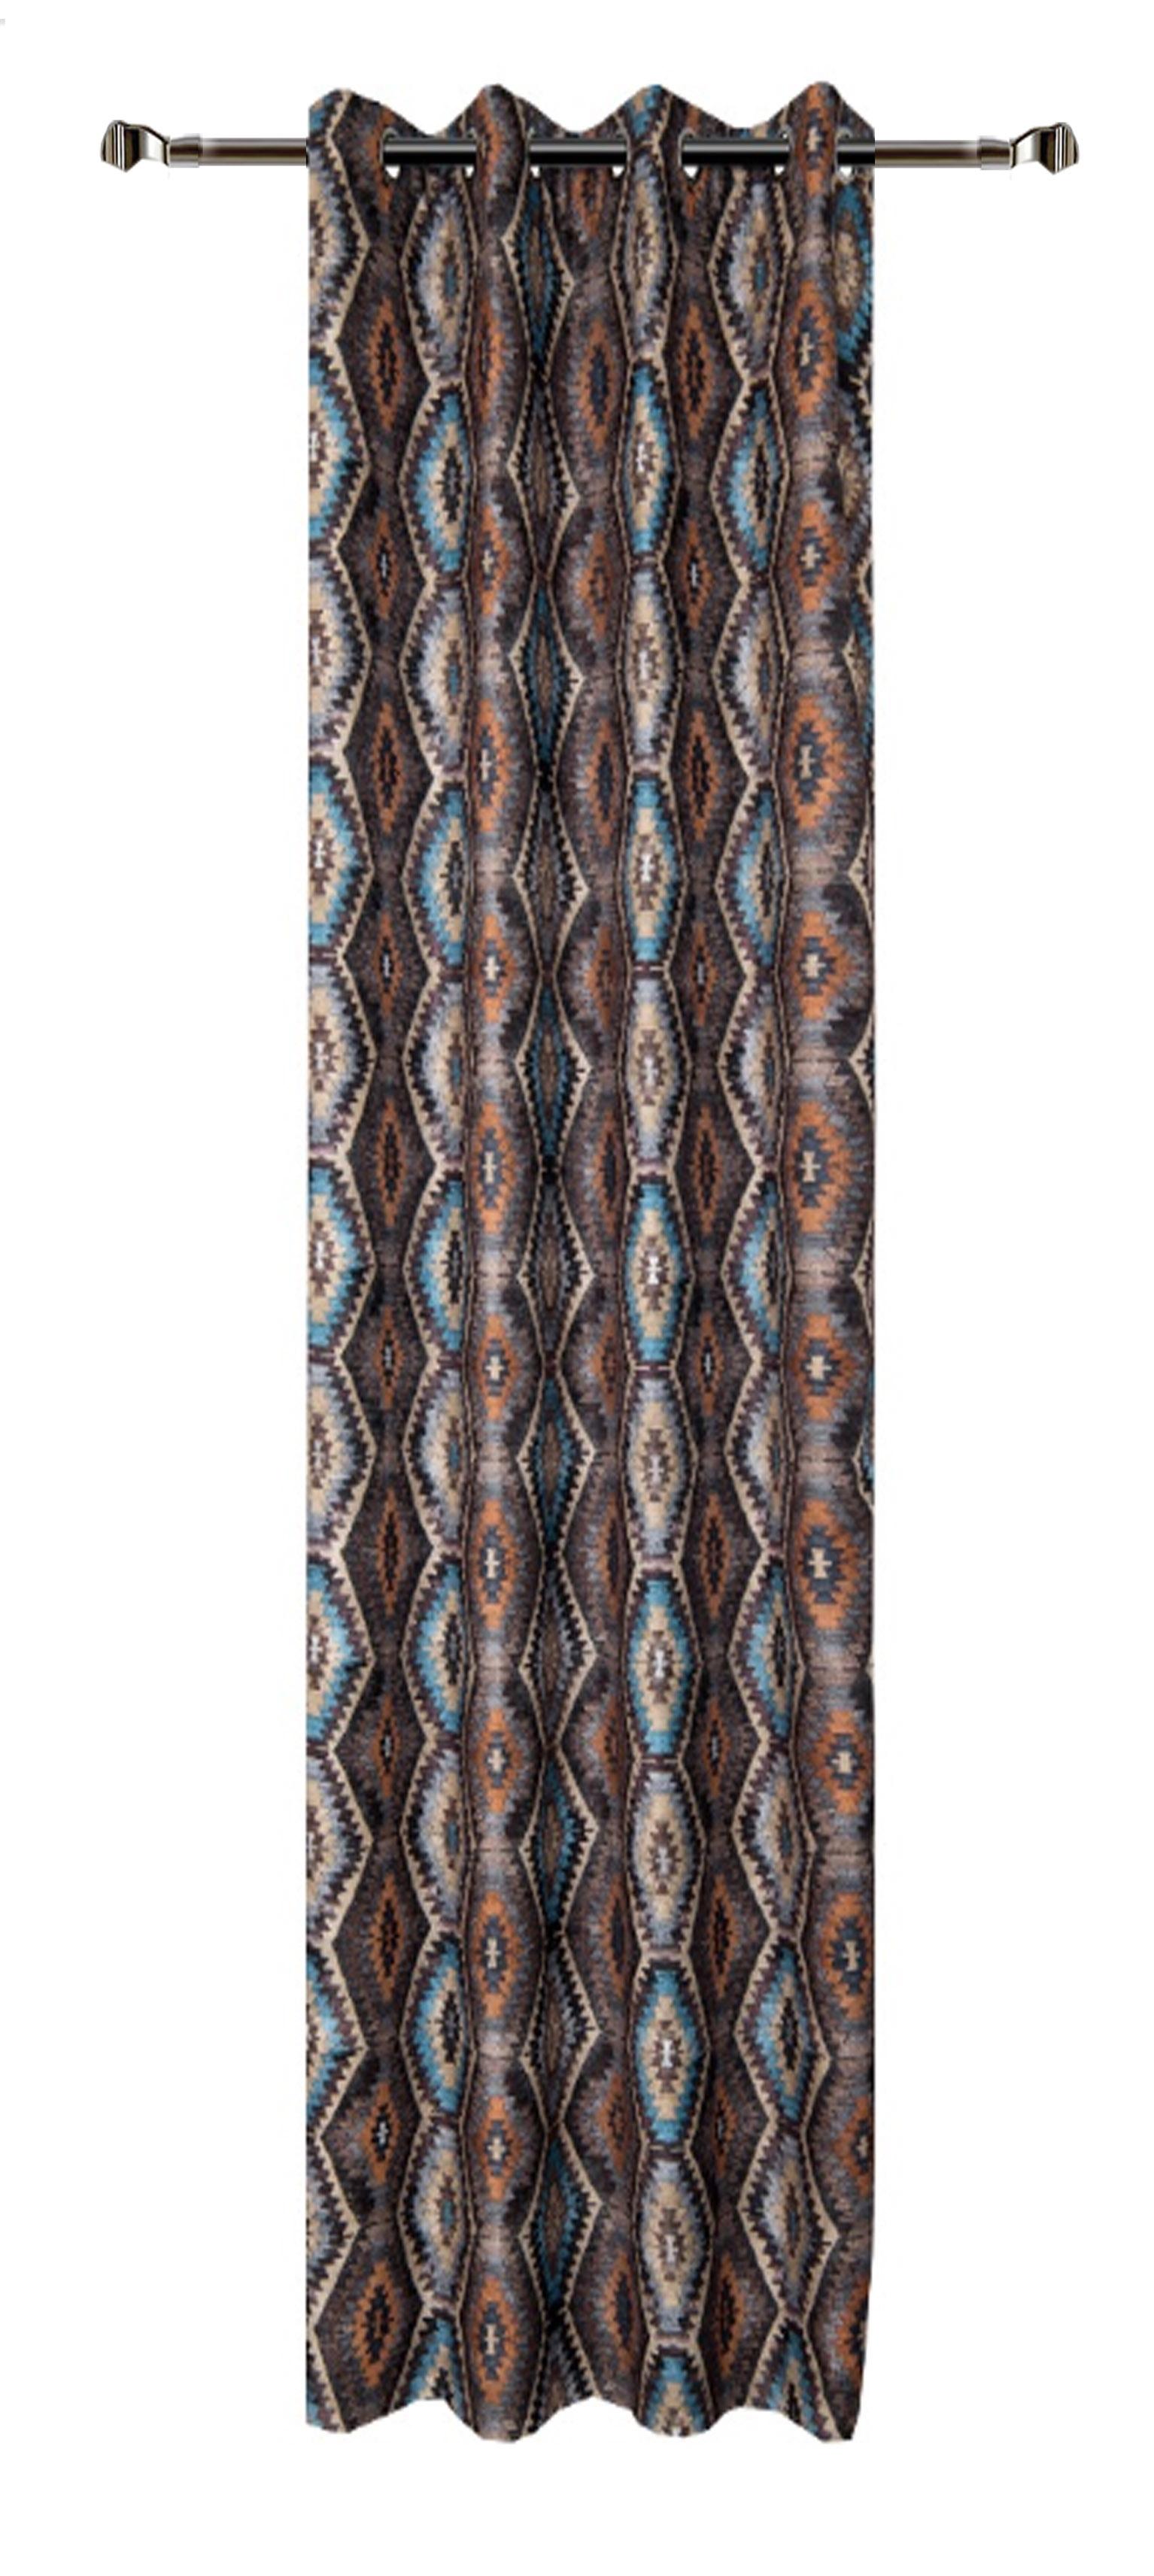 Draperie Home RM-8322-2A Multicolor 140 x 270 cm 1 bucata